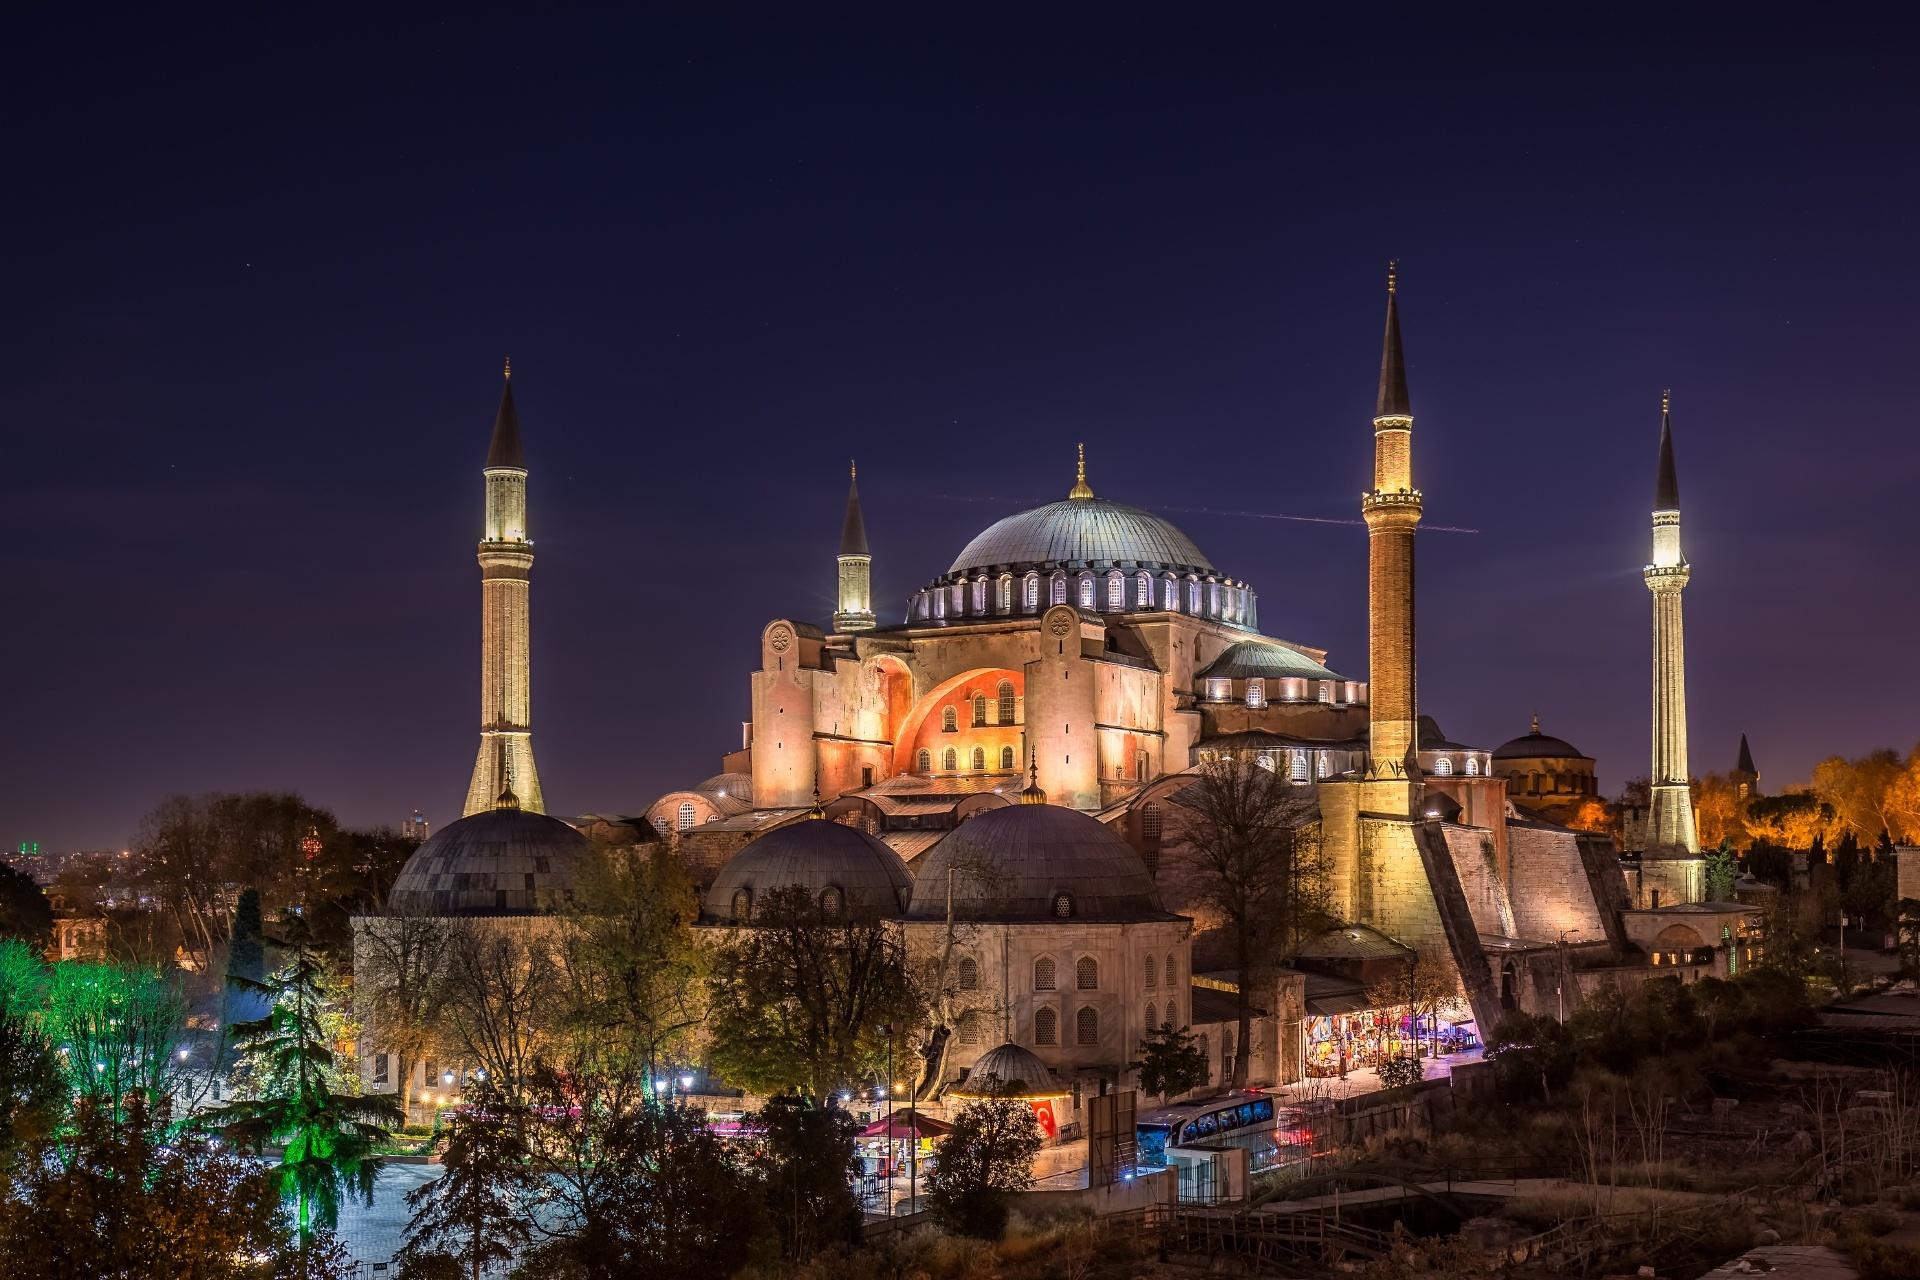 夜のアヤソフィア トルコ イスタンブールの風景